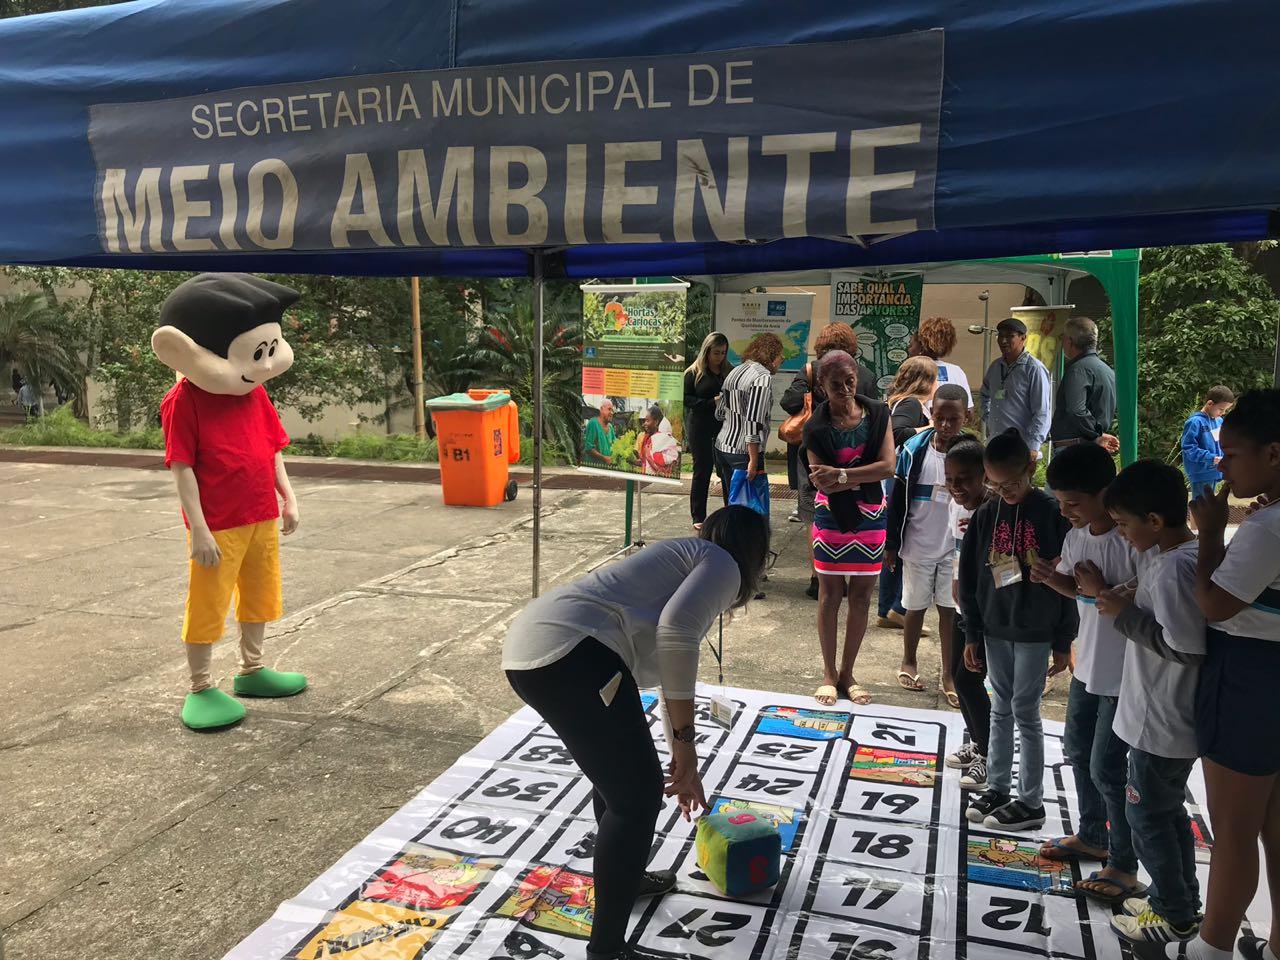 Rio-Águas participa da Semana Nacional do Meio Ambiente na Prefeitura nesta terça